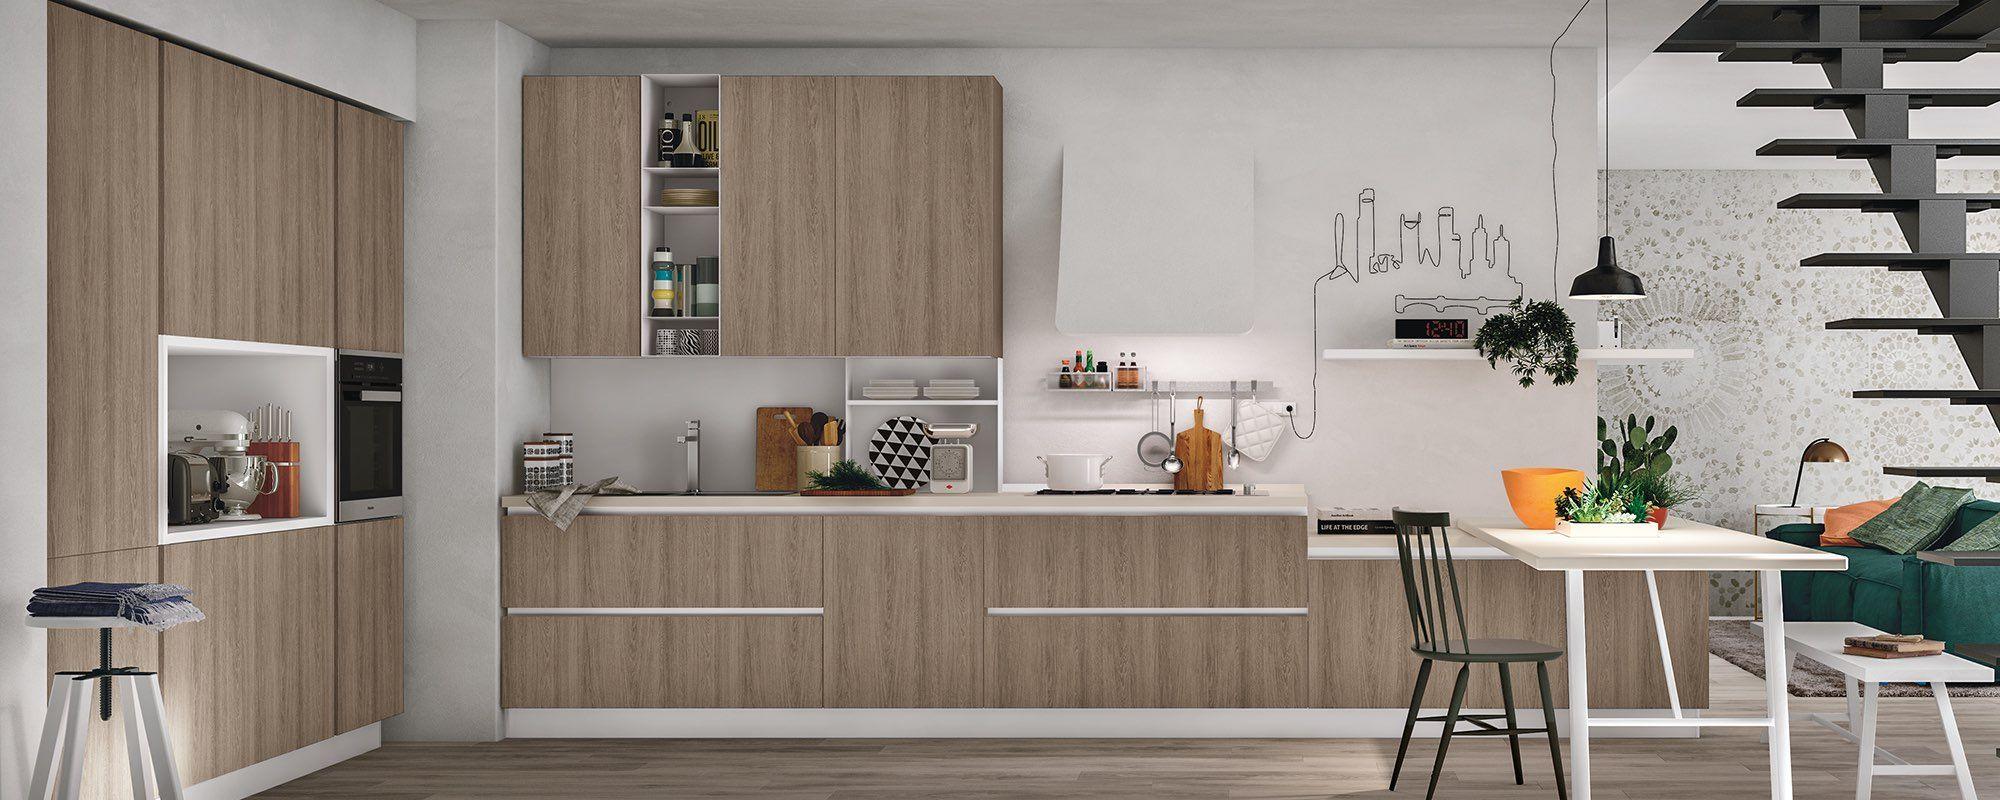 Cucine Sospese Moderne.Arredamentifelicepalma Felicepalma Arredamenti Cucina